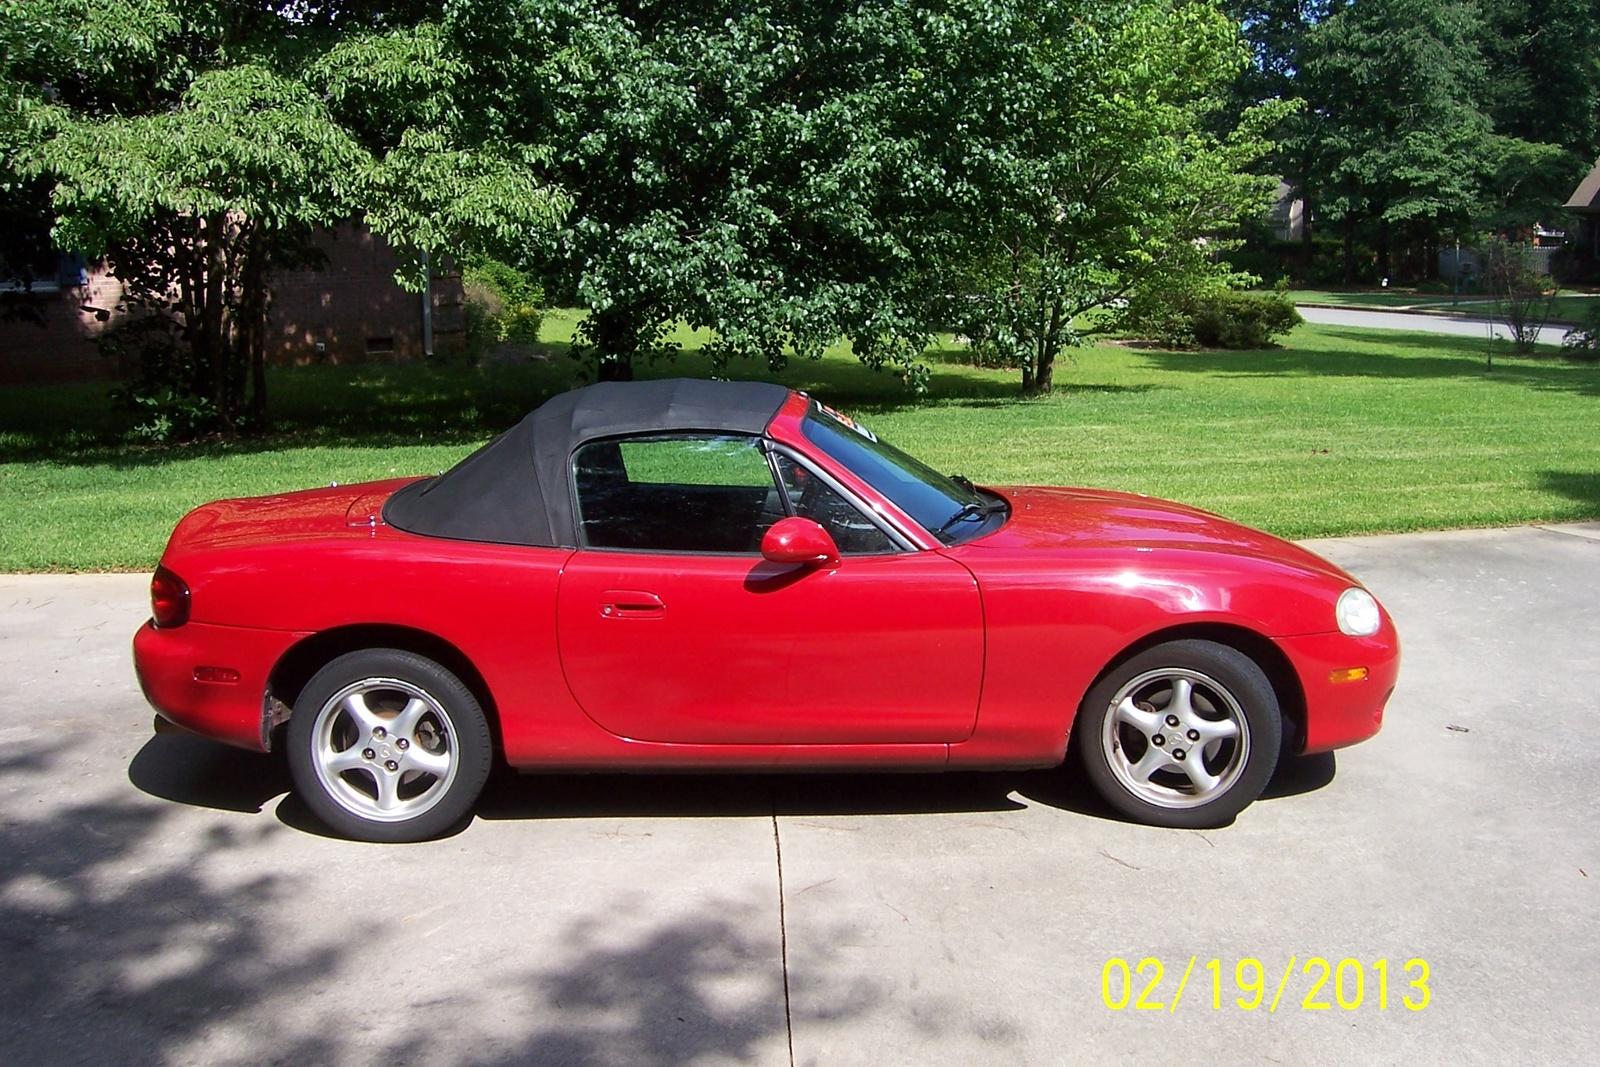 2002 Mazda Mx 5 Miata Pictures Cargurus